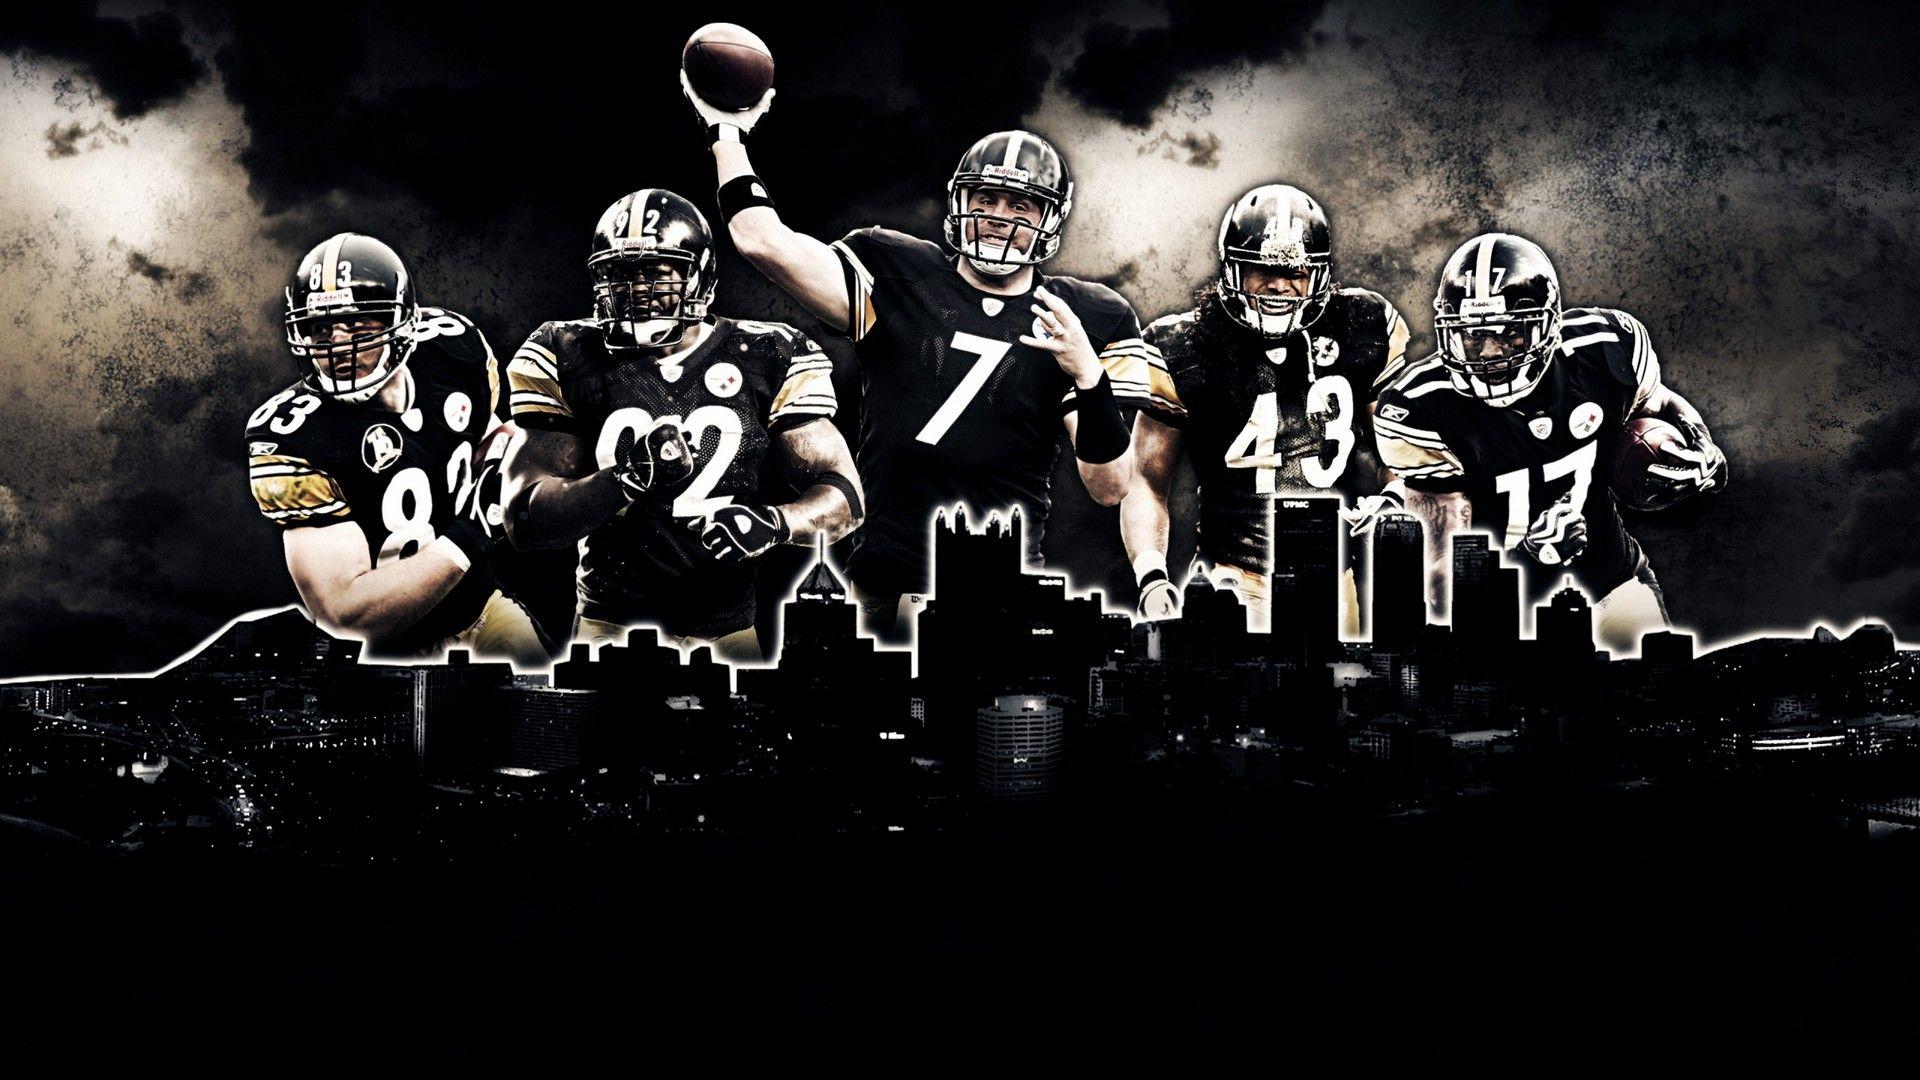 Pittsburgh Steelers Desktop Wallpapers 2020 Nfl Football Wallpapers Nfl Football Wallpaper Pittsburgh Steelers Wallpaper Football Wallpaper